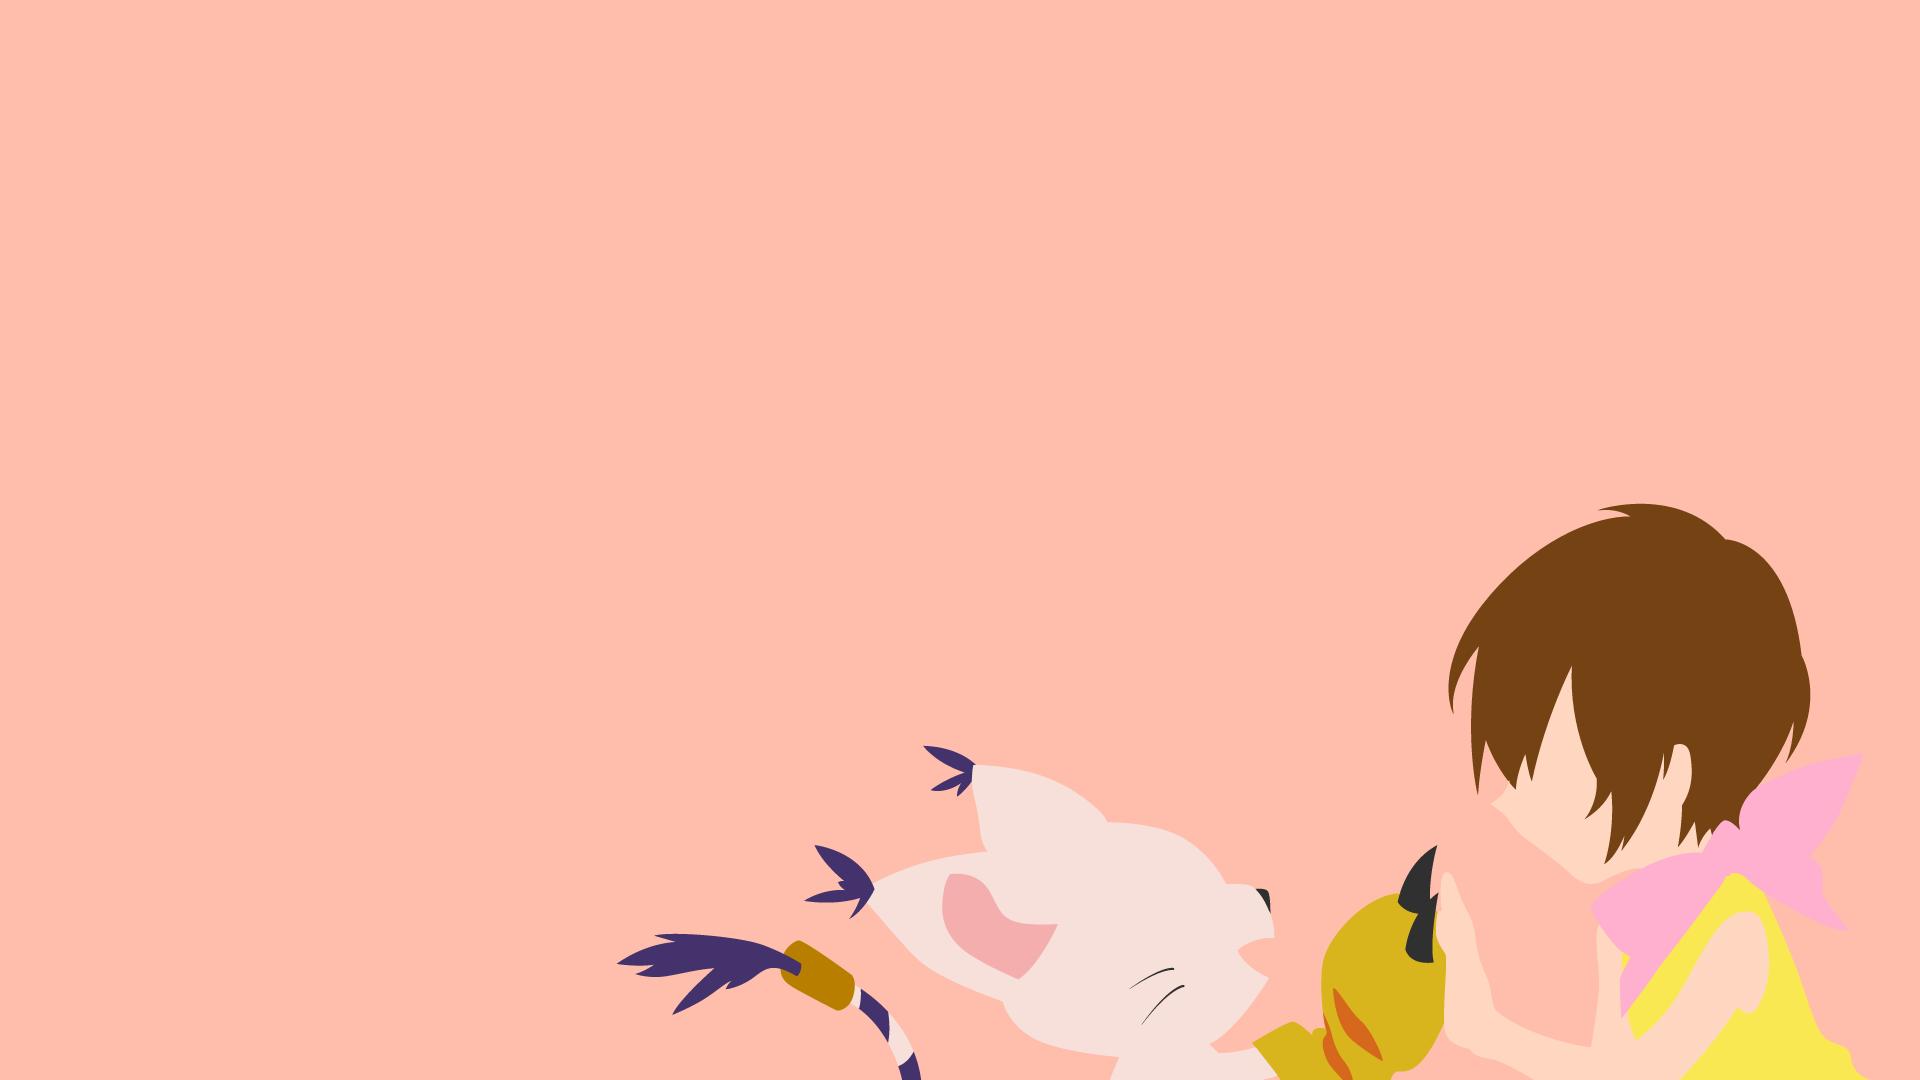 Wallpaper Ilustrasi Anime Minimalis Digimon Gambar Kartun